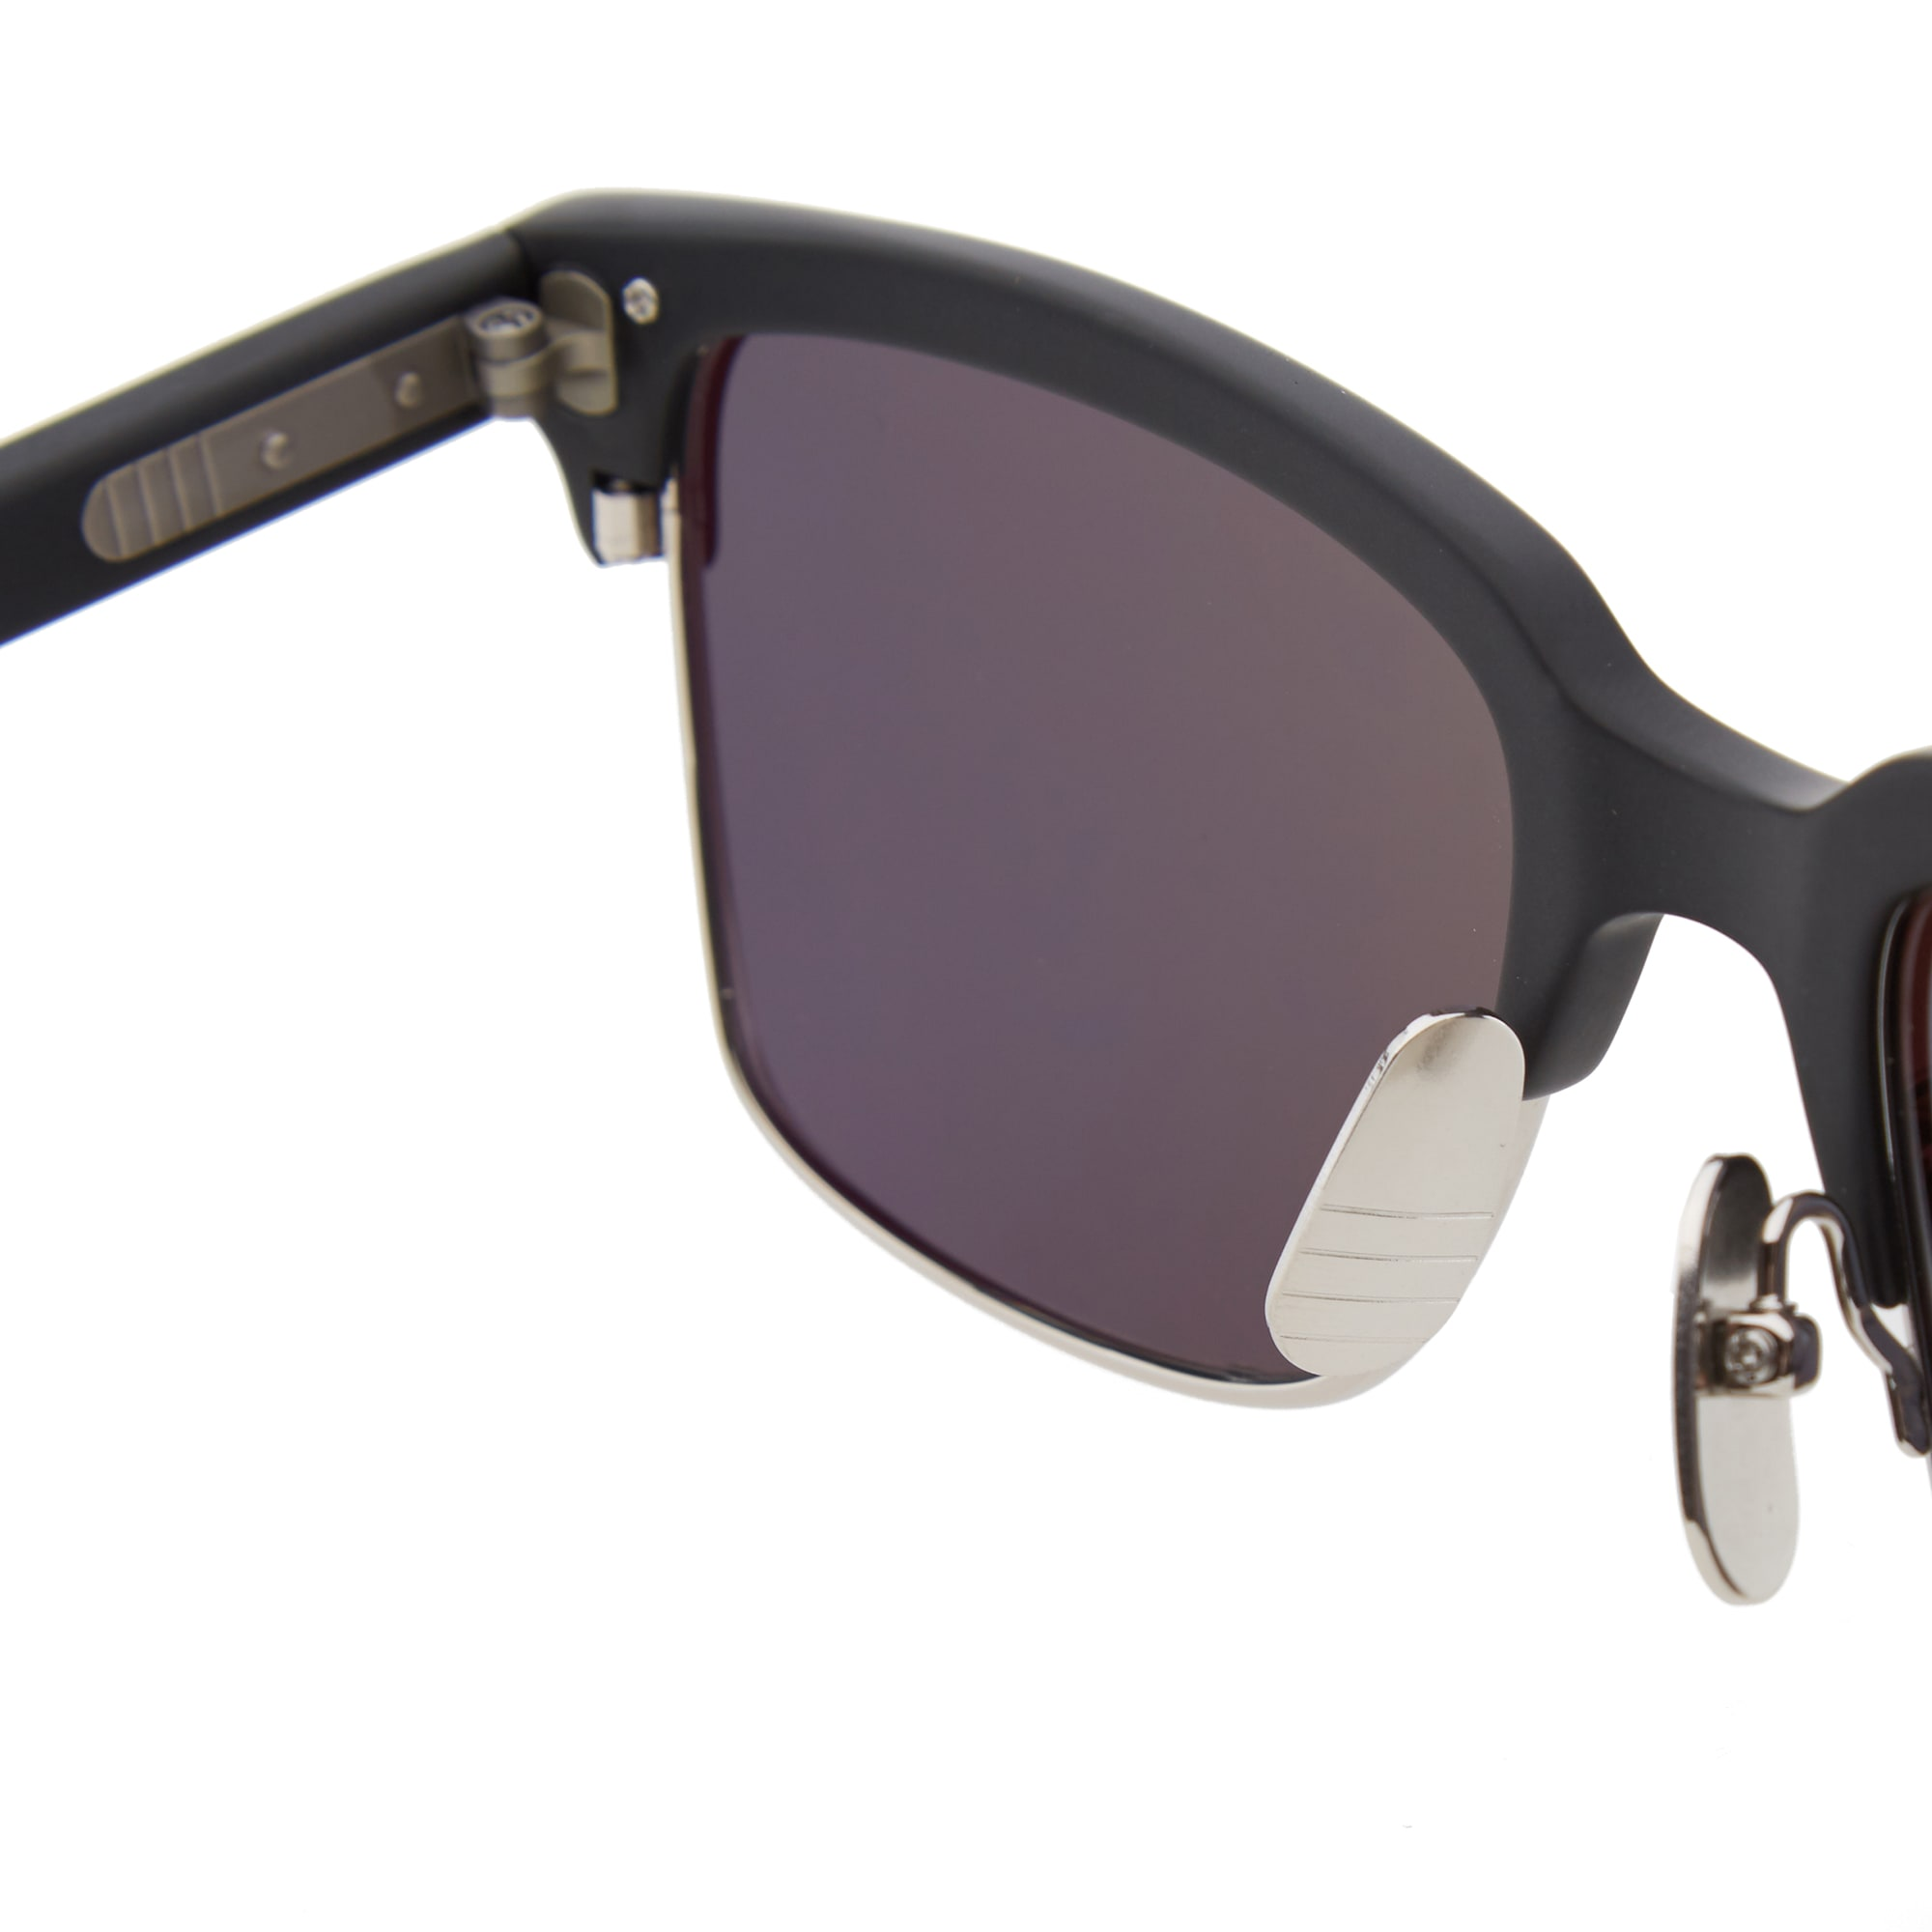 870d1c782fe THOM BROWNE Tb-709 Sunglasses